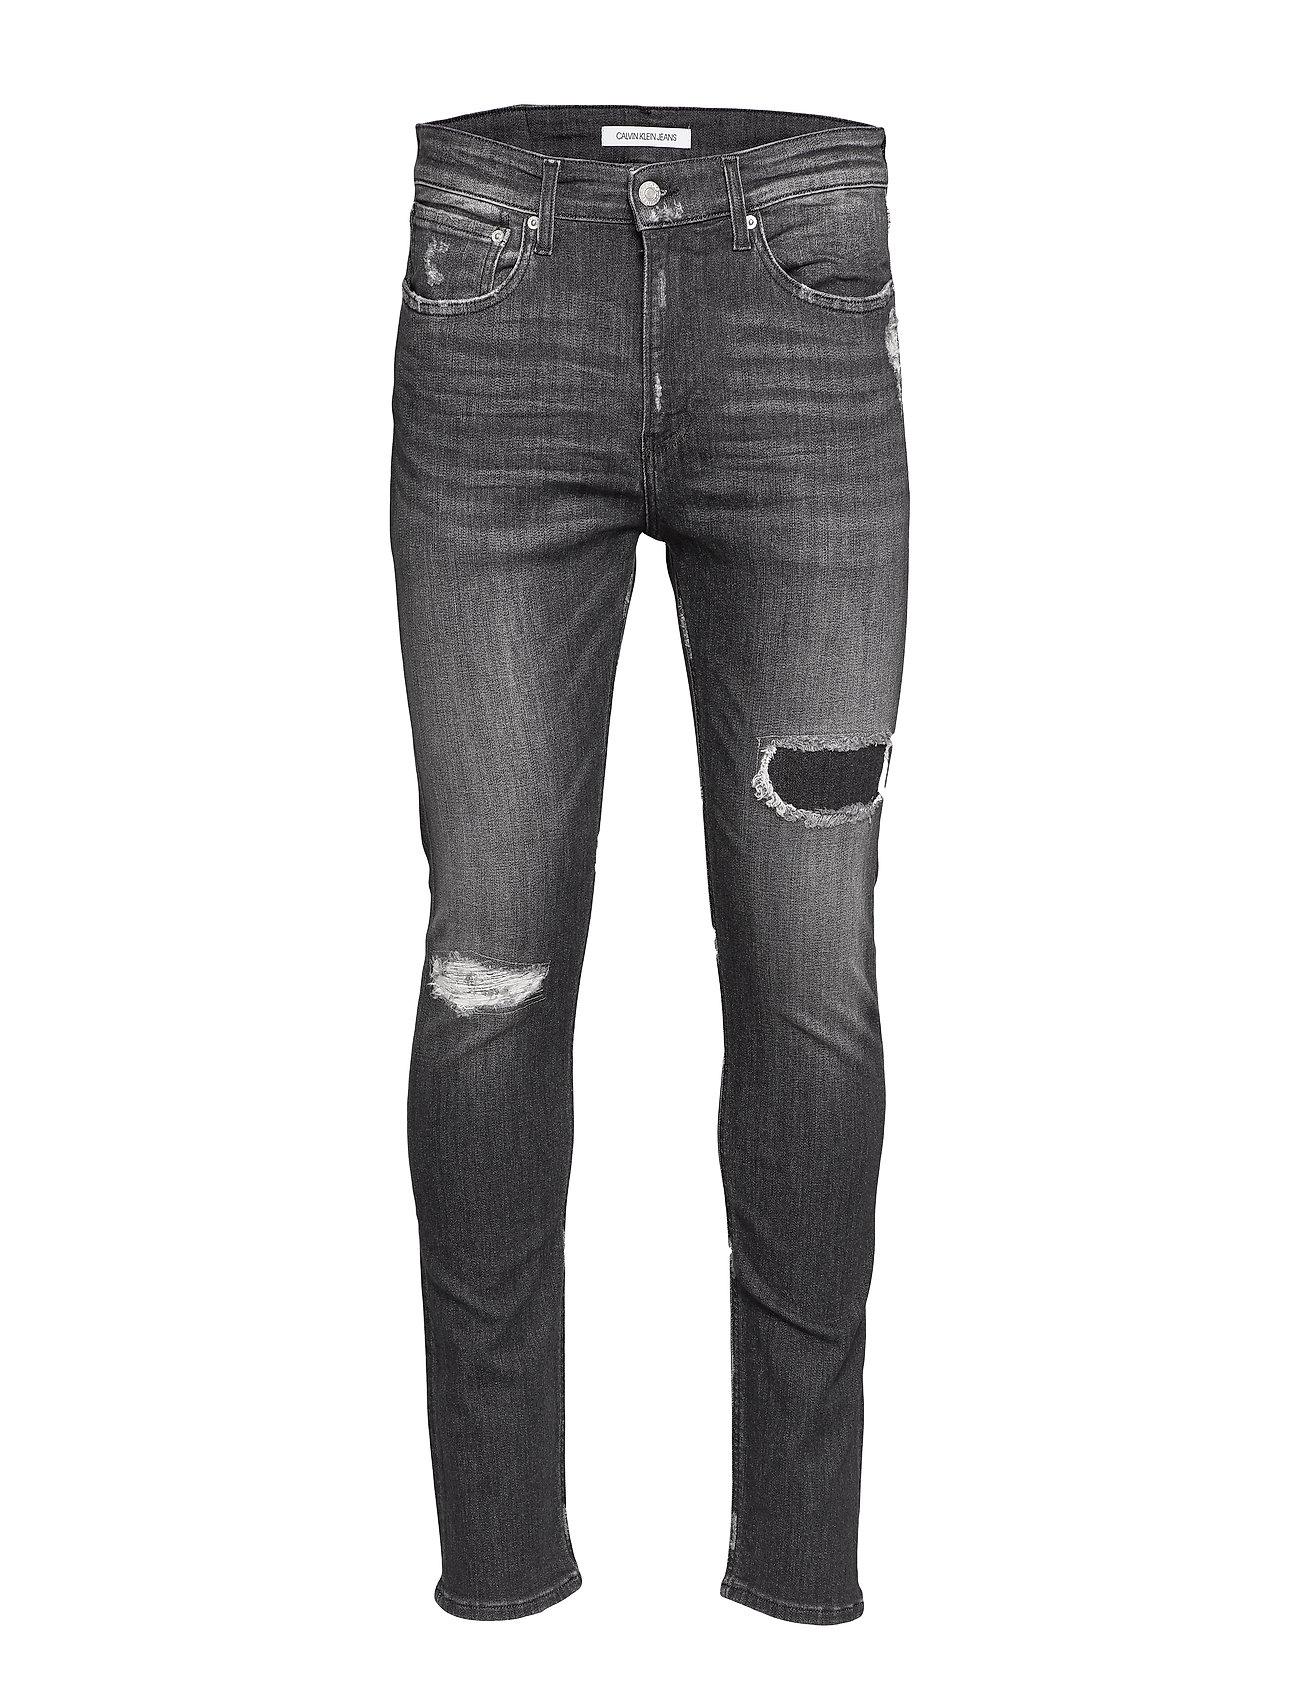 Calvin Klein Jeans CKJ 016 SKINNY - BA032 GREY DSTR